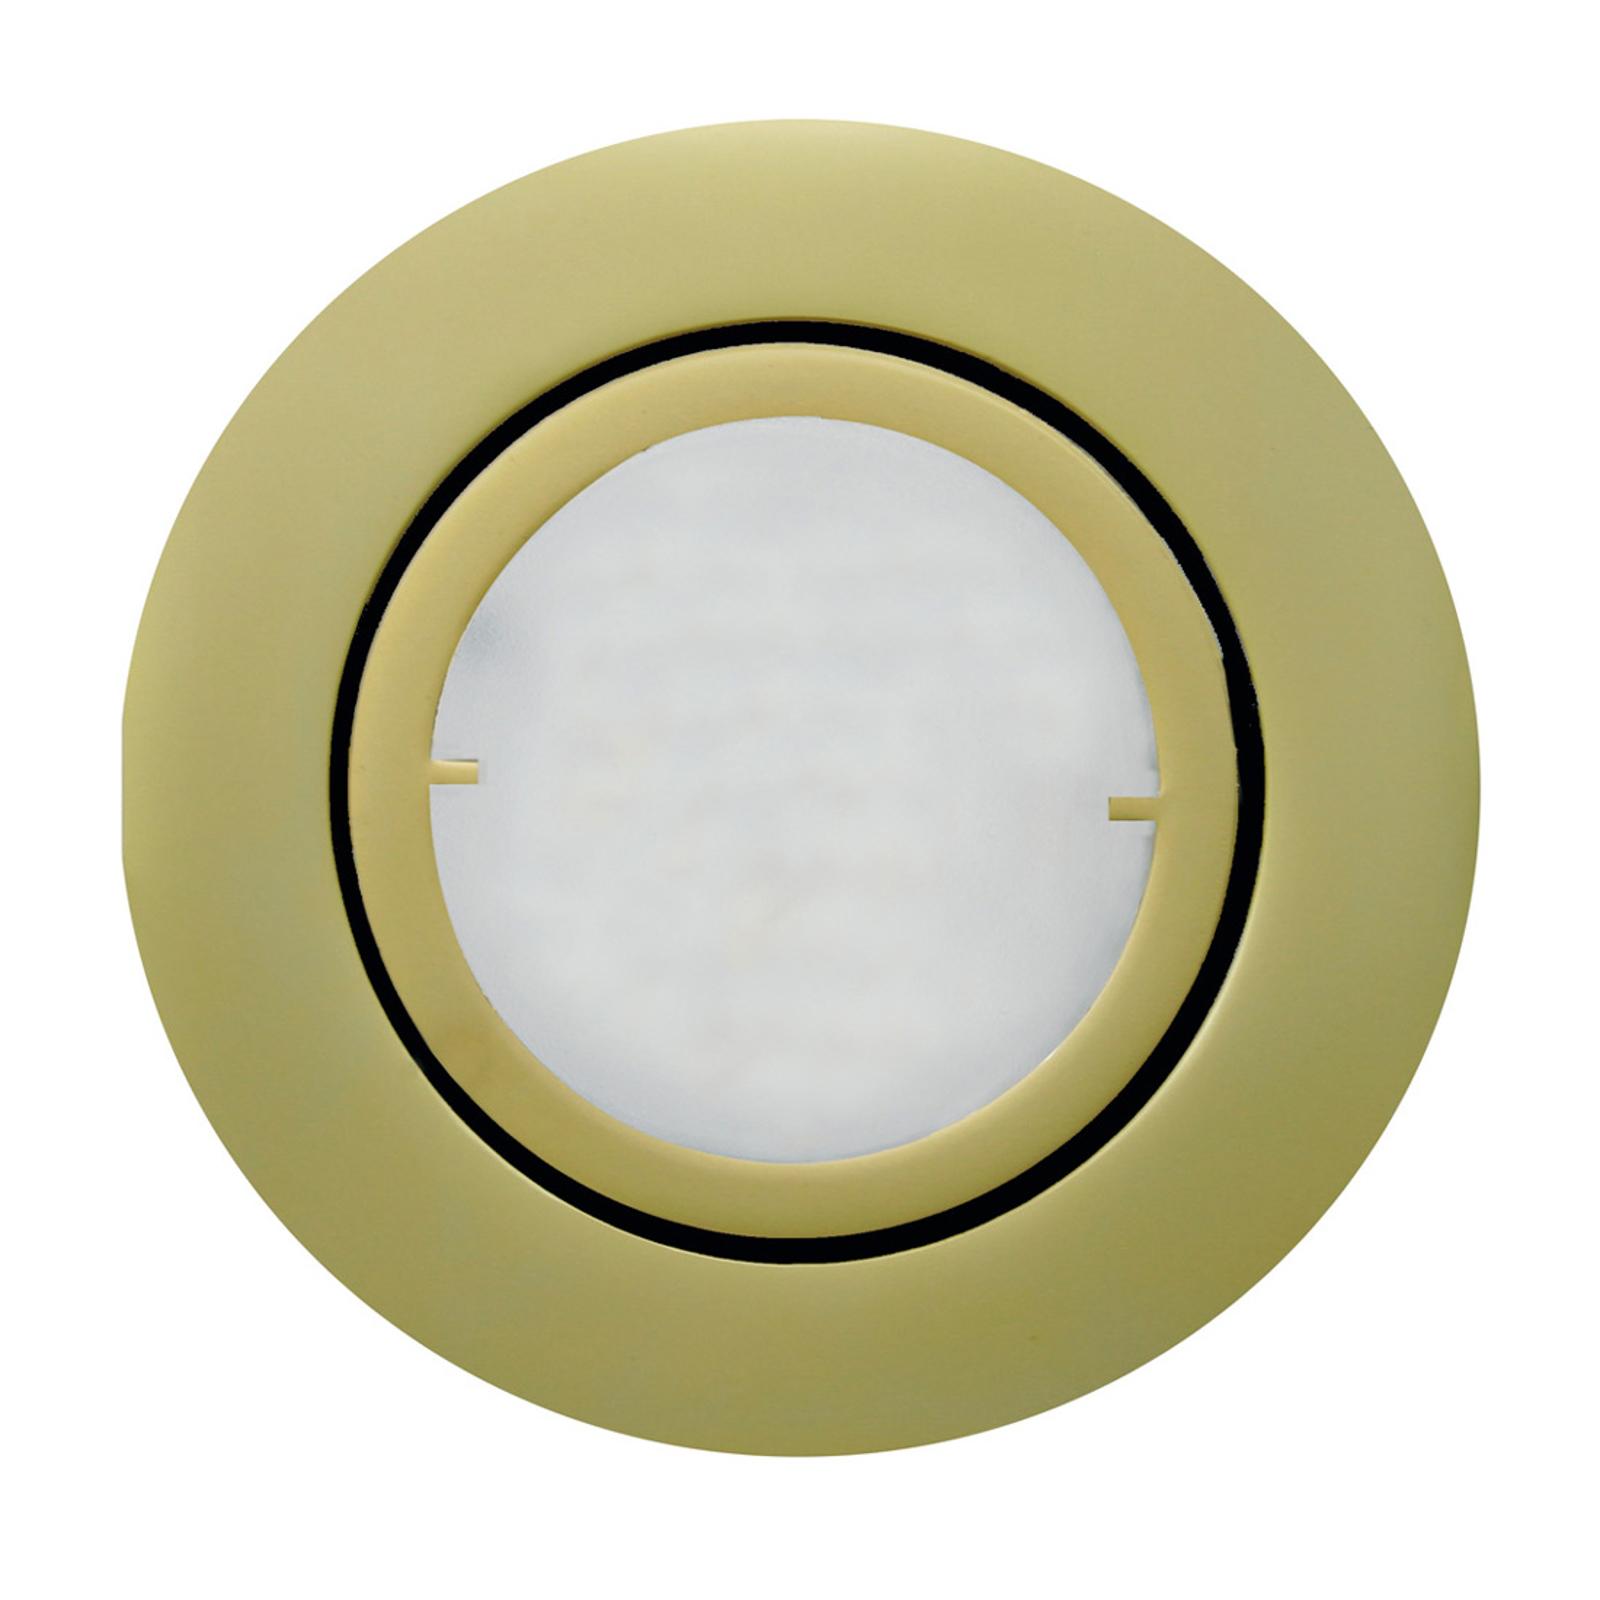 Lampa wpuszczana LED JOANIE, matowy złoty